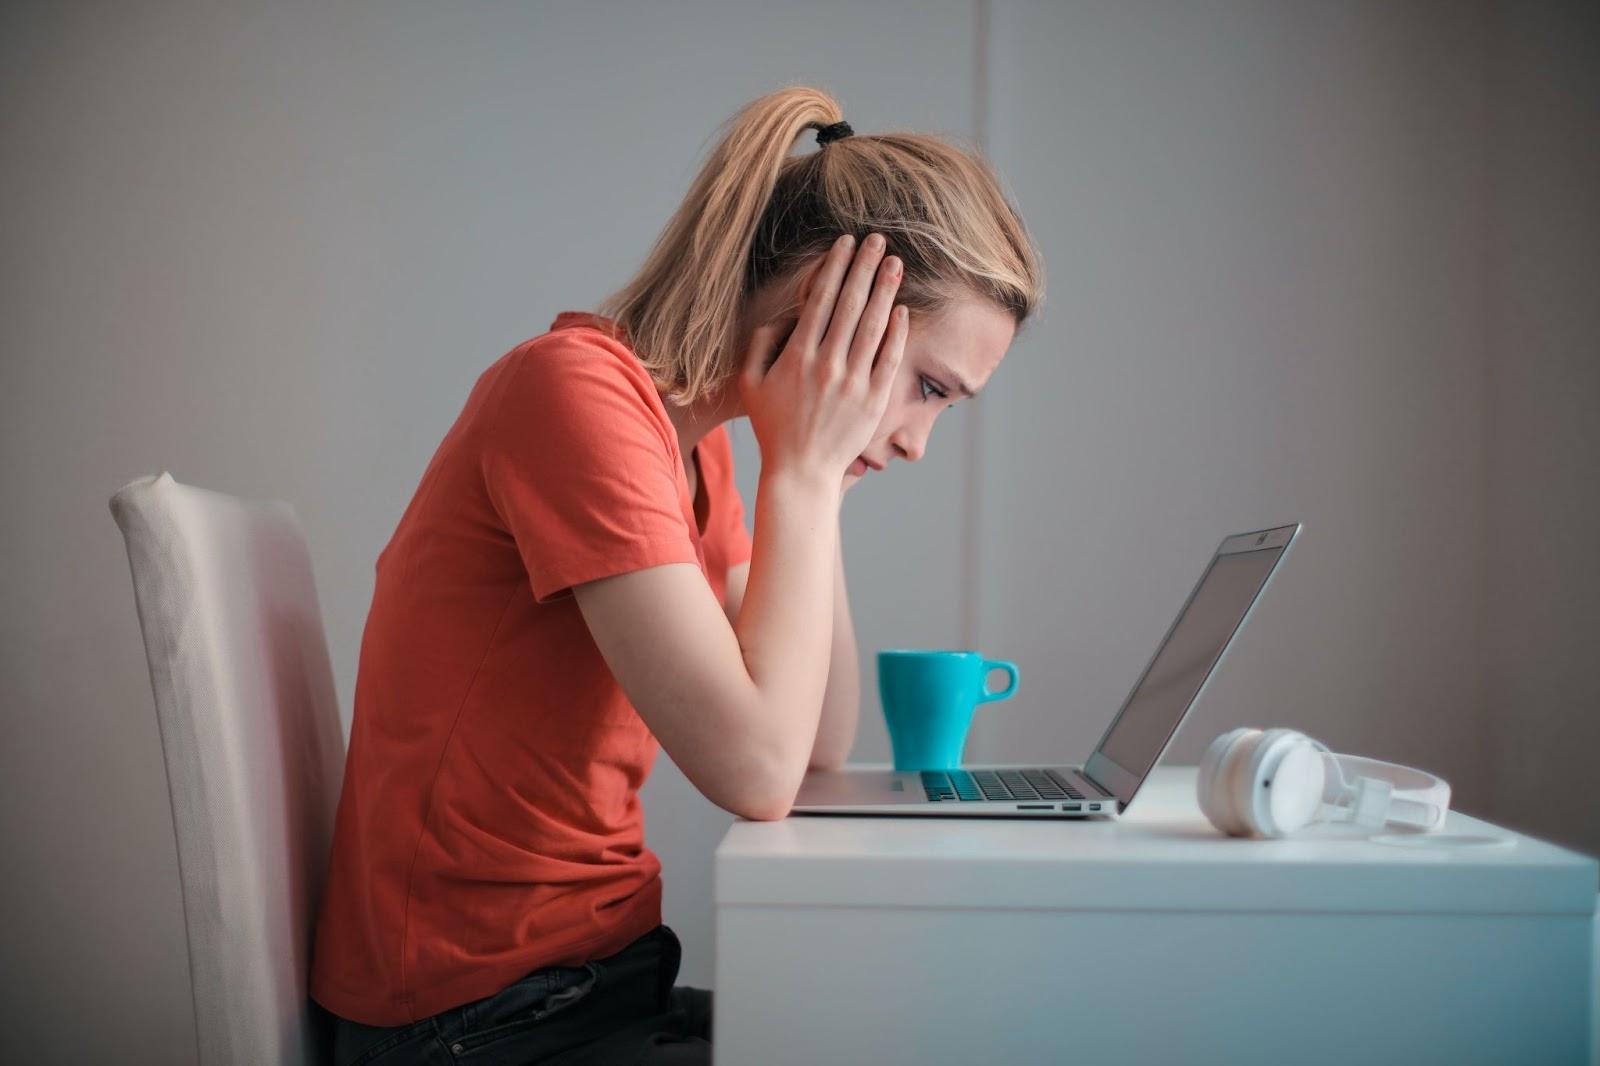 Il est difficile de concilier vie privée et vie professionnelle, ce qui est une source de stress